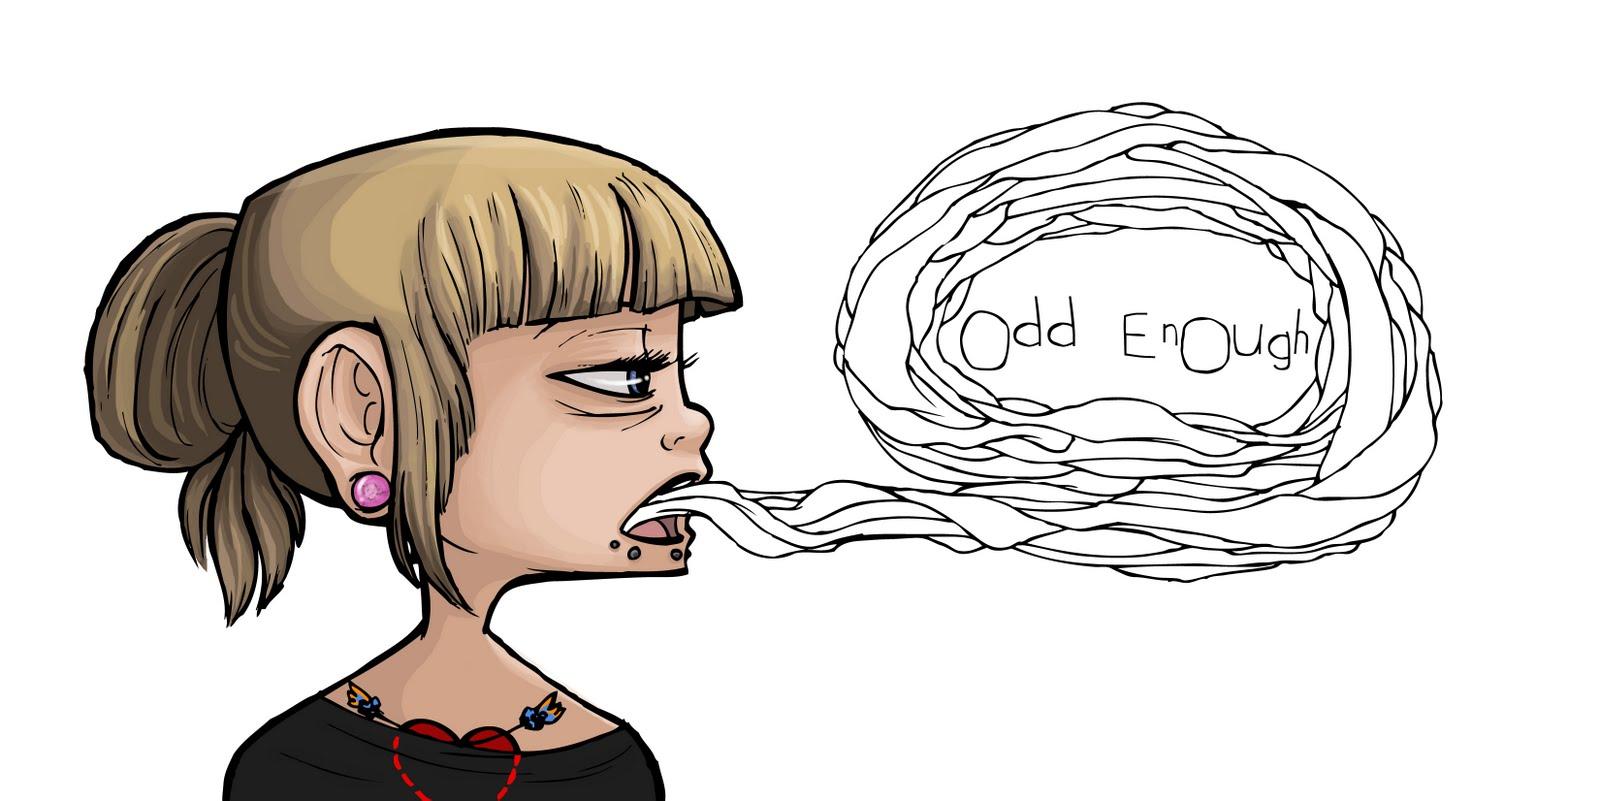 Odd Enough